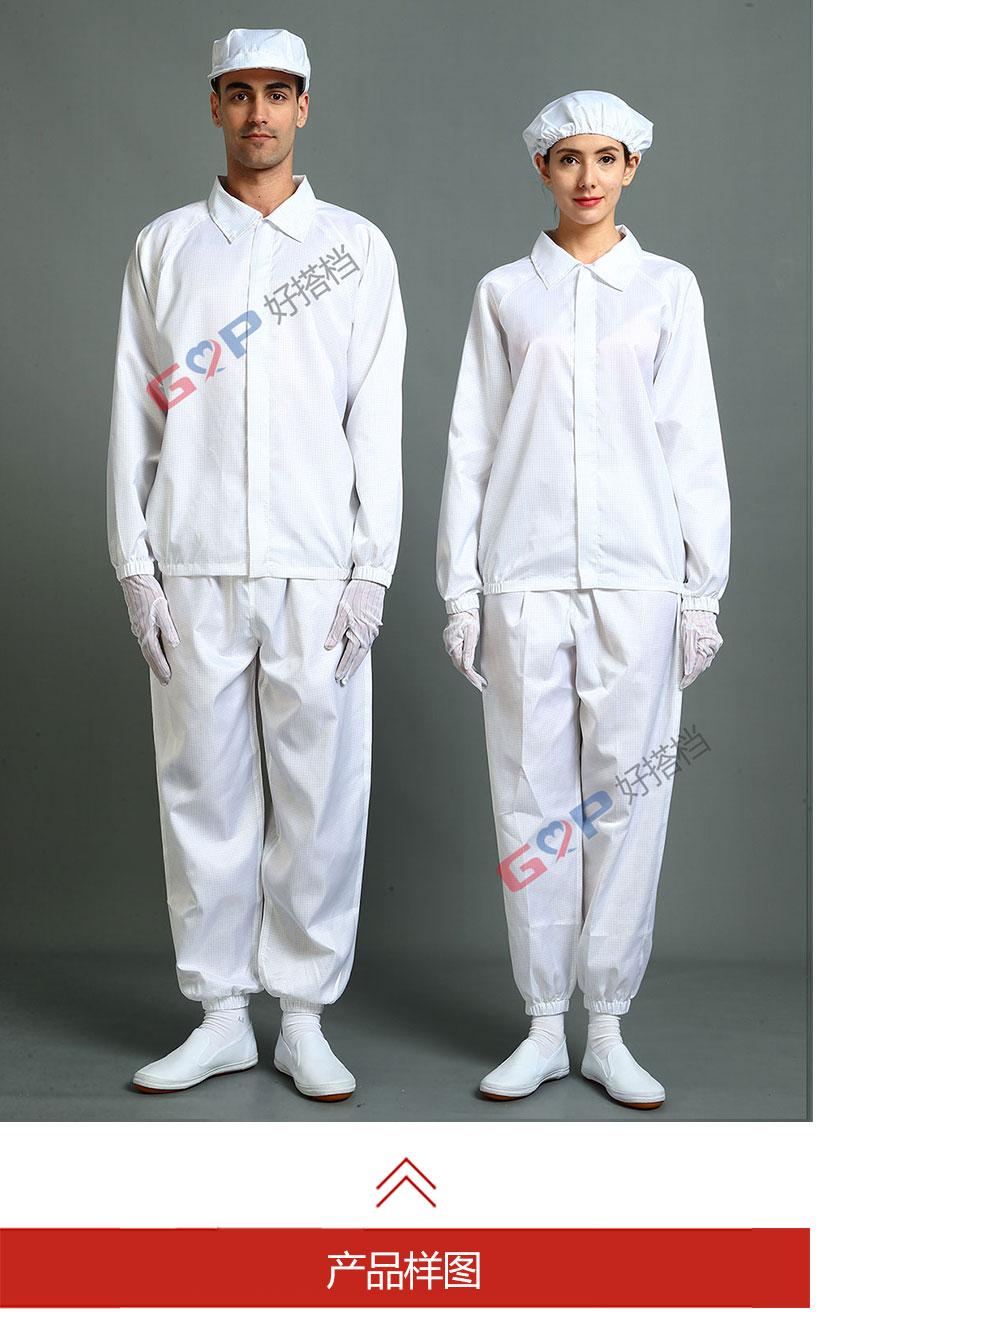 分体服(翻领)Separate clothingTurn-down collar